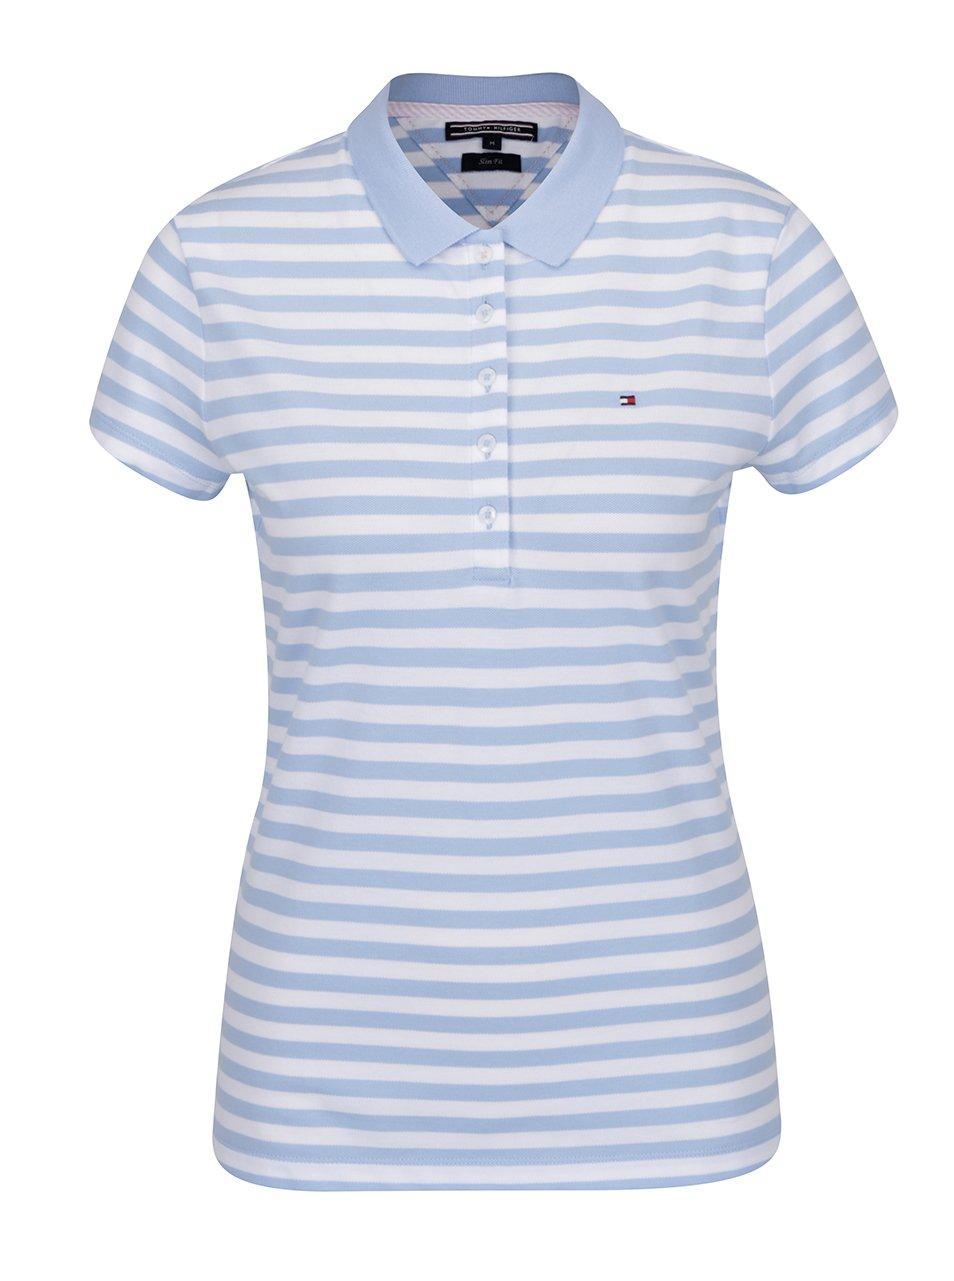 Modro-bílé pruhované polo tričko Tommy Hilfiger